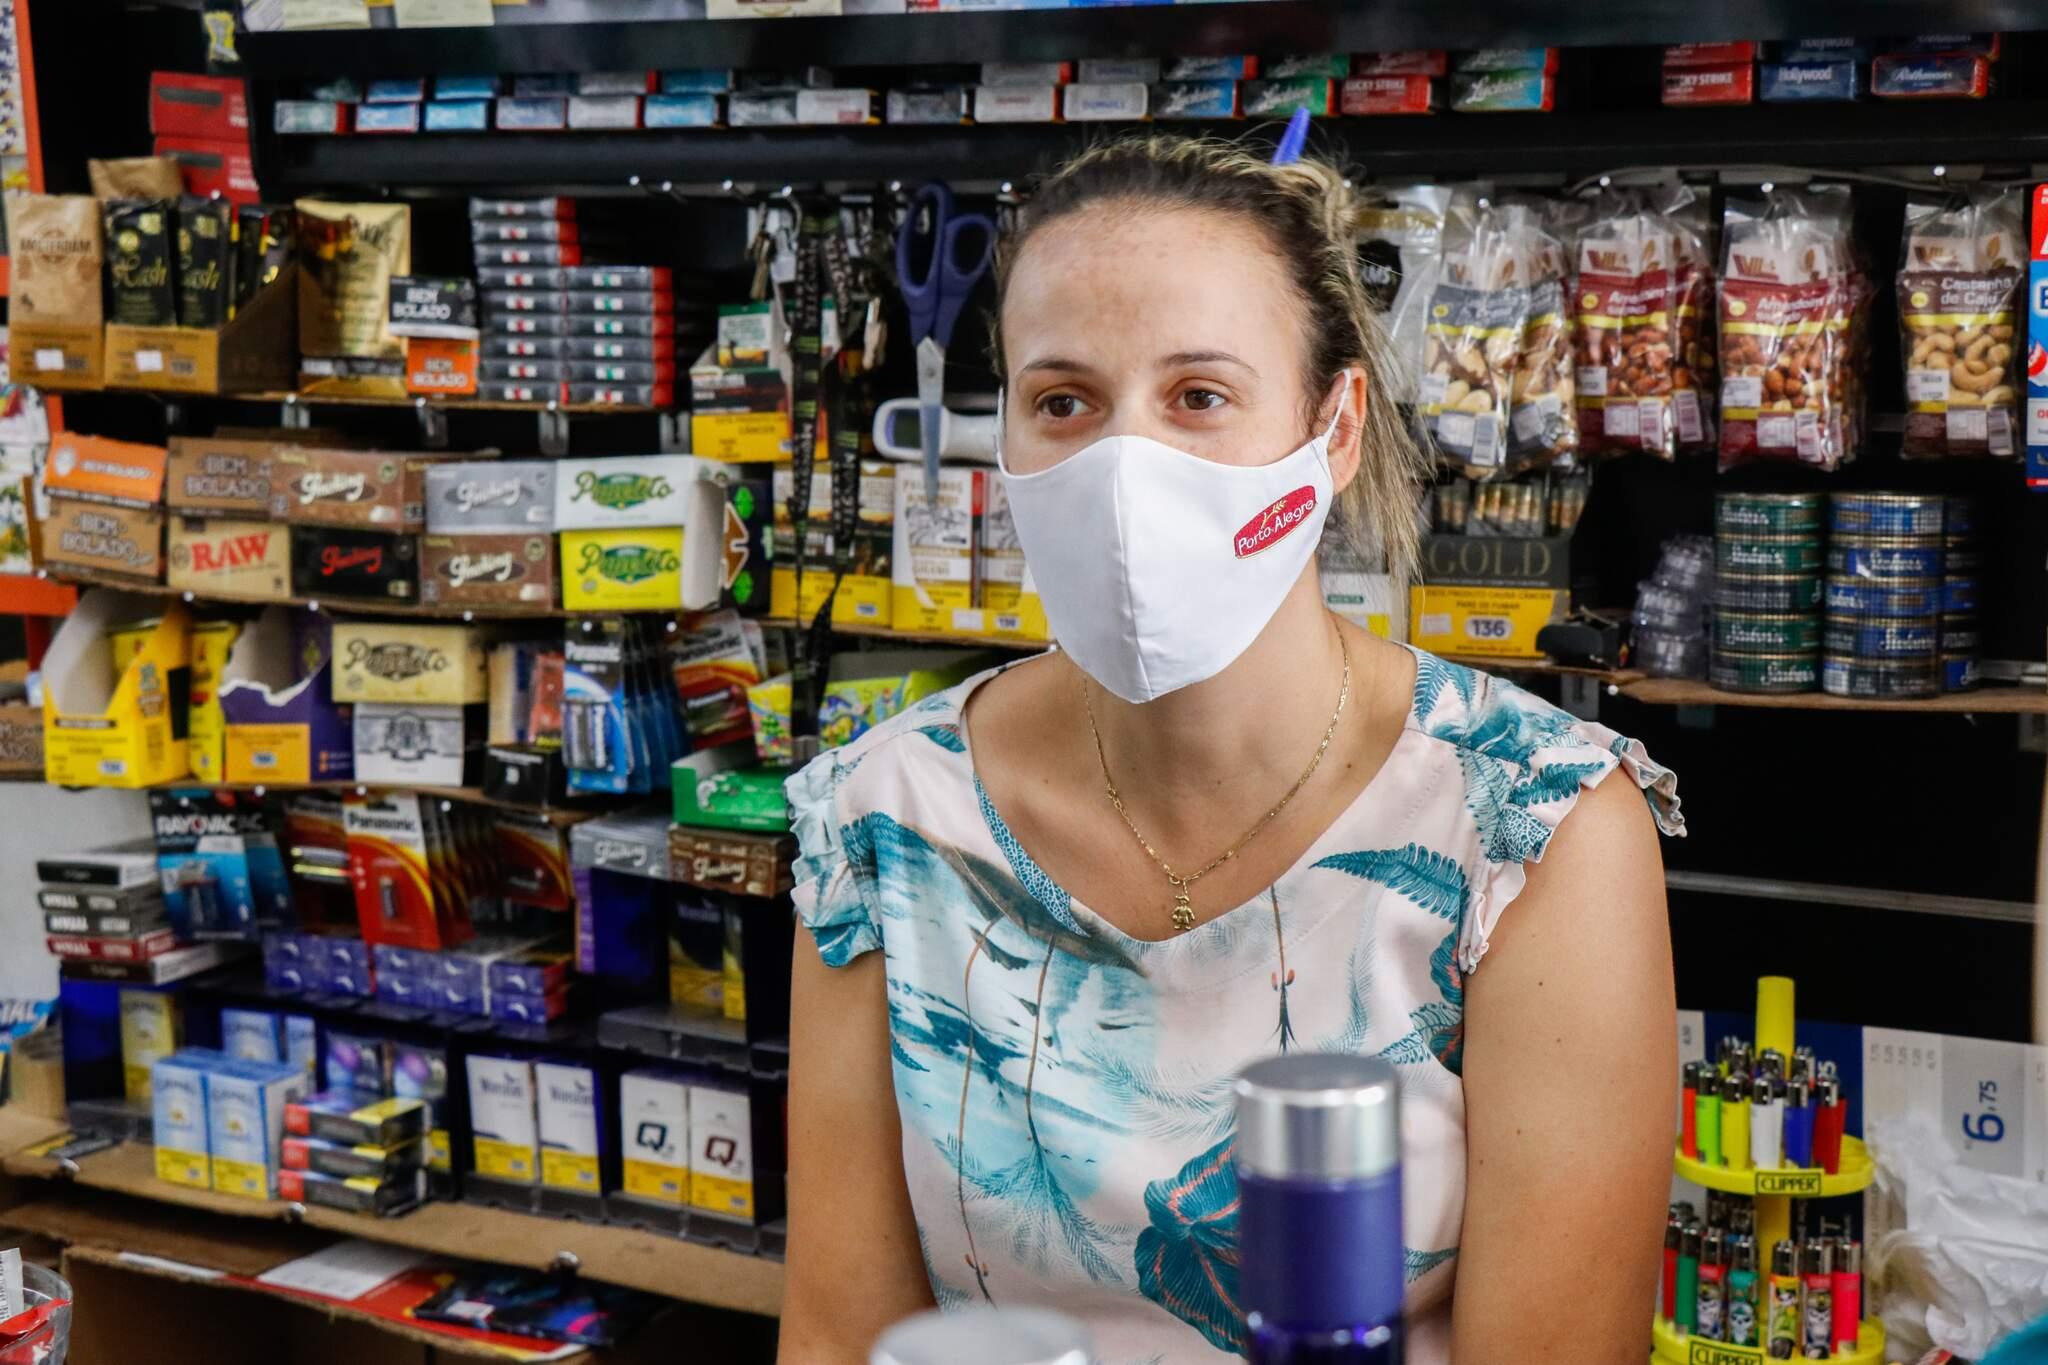 Comerciante, Daiane Rezende, de 38 anos, disse que medo da doença tem afetado a saúde mental. (Foto: Henrique Kawaminami)